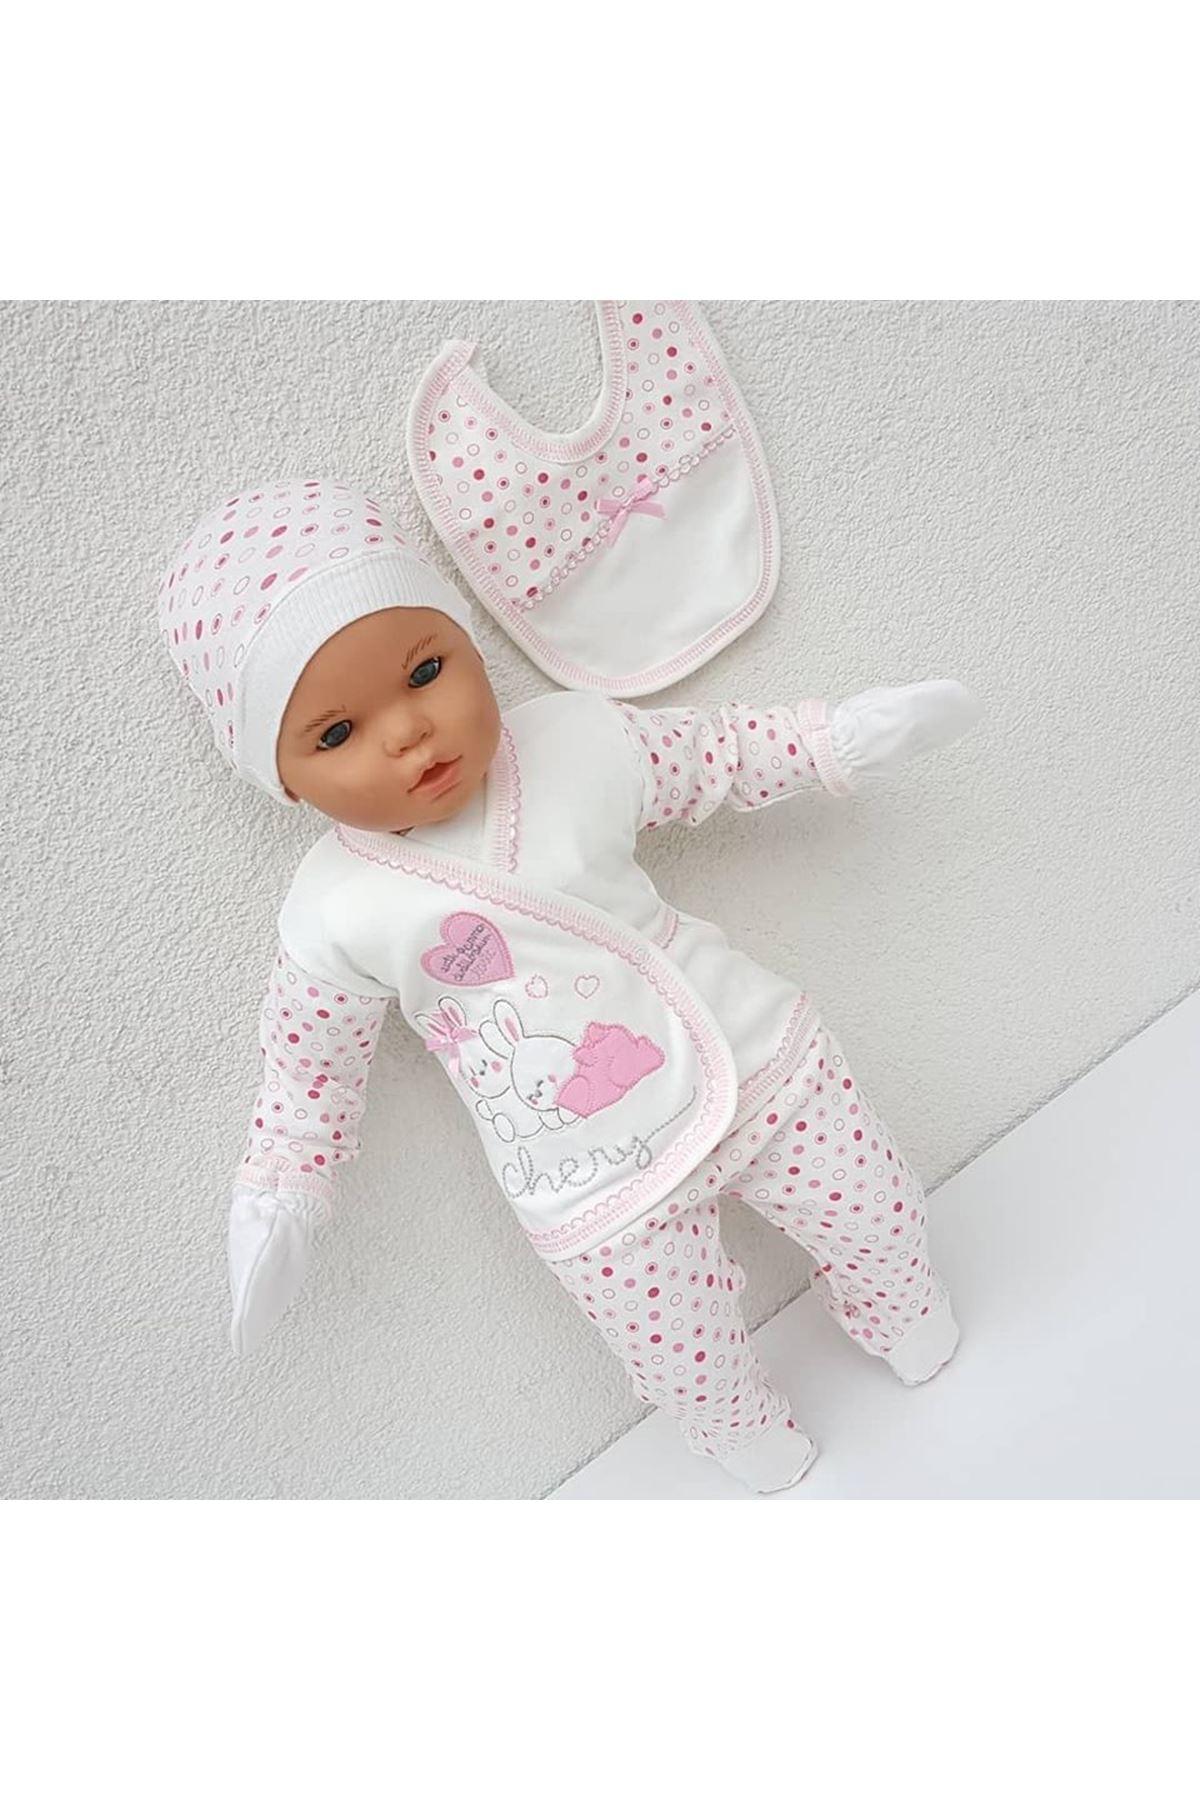 Chery Kalpli Tavşan 5 Parça Bebek Hastane Çıkış Seti - Pembe